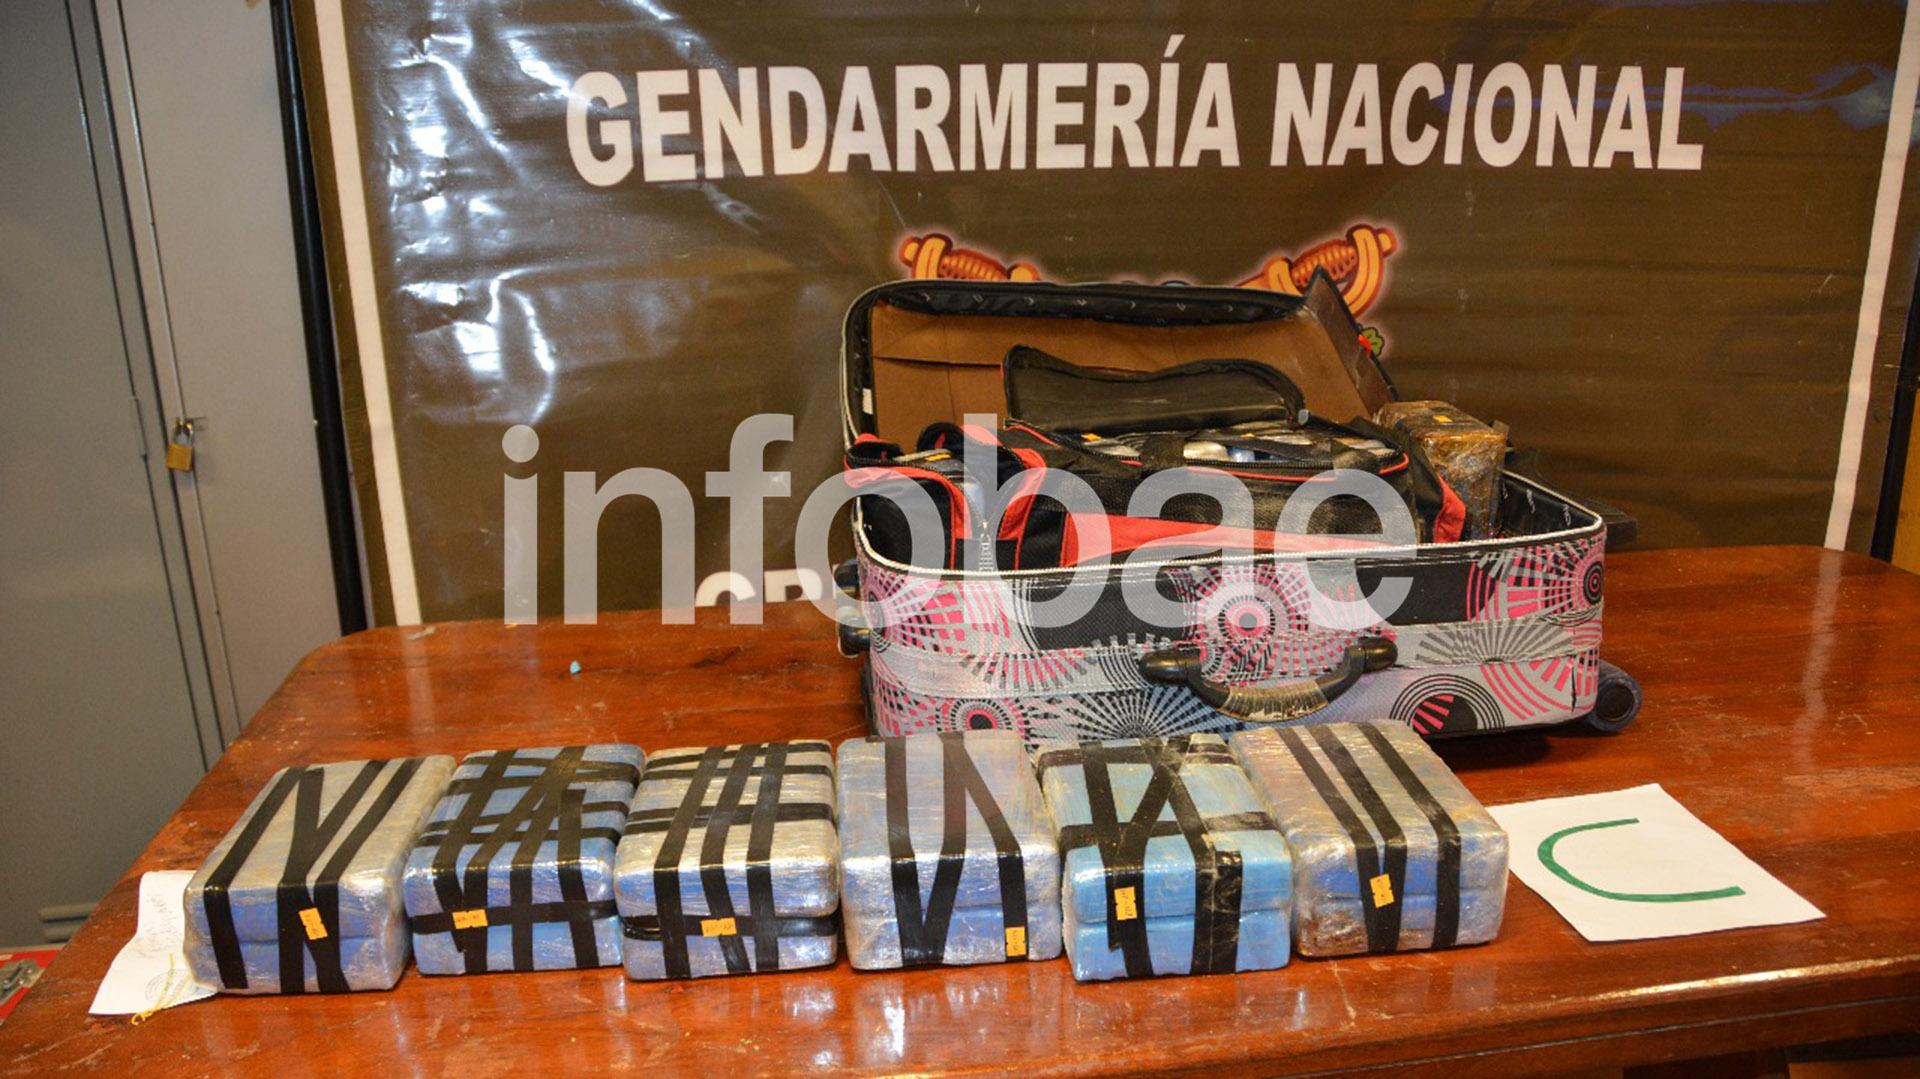 Se encontró cocaína de máxima pureza en un edificio perteneciente a la embajada rusa en la Argentina.